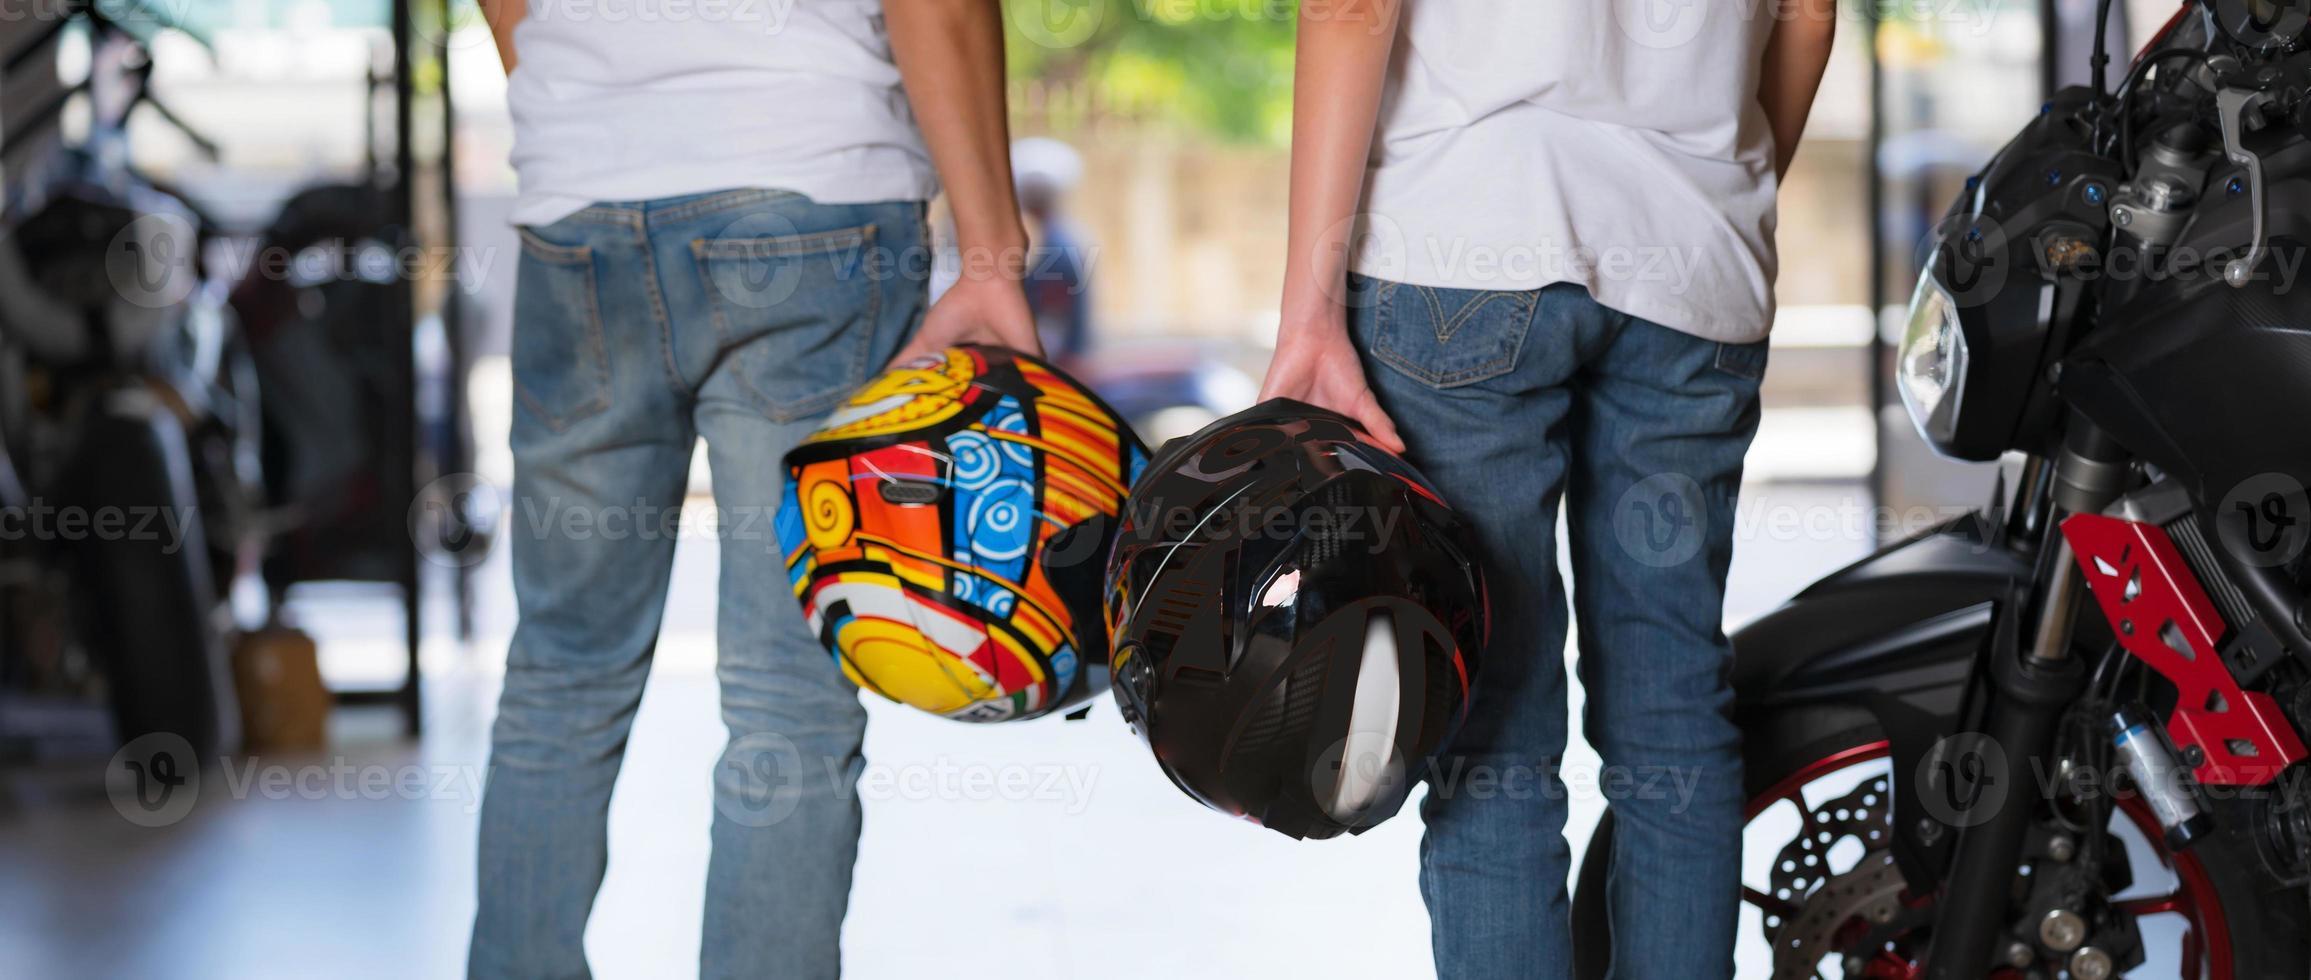 casal de viajantes carregando capacetes de motocicleta foto